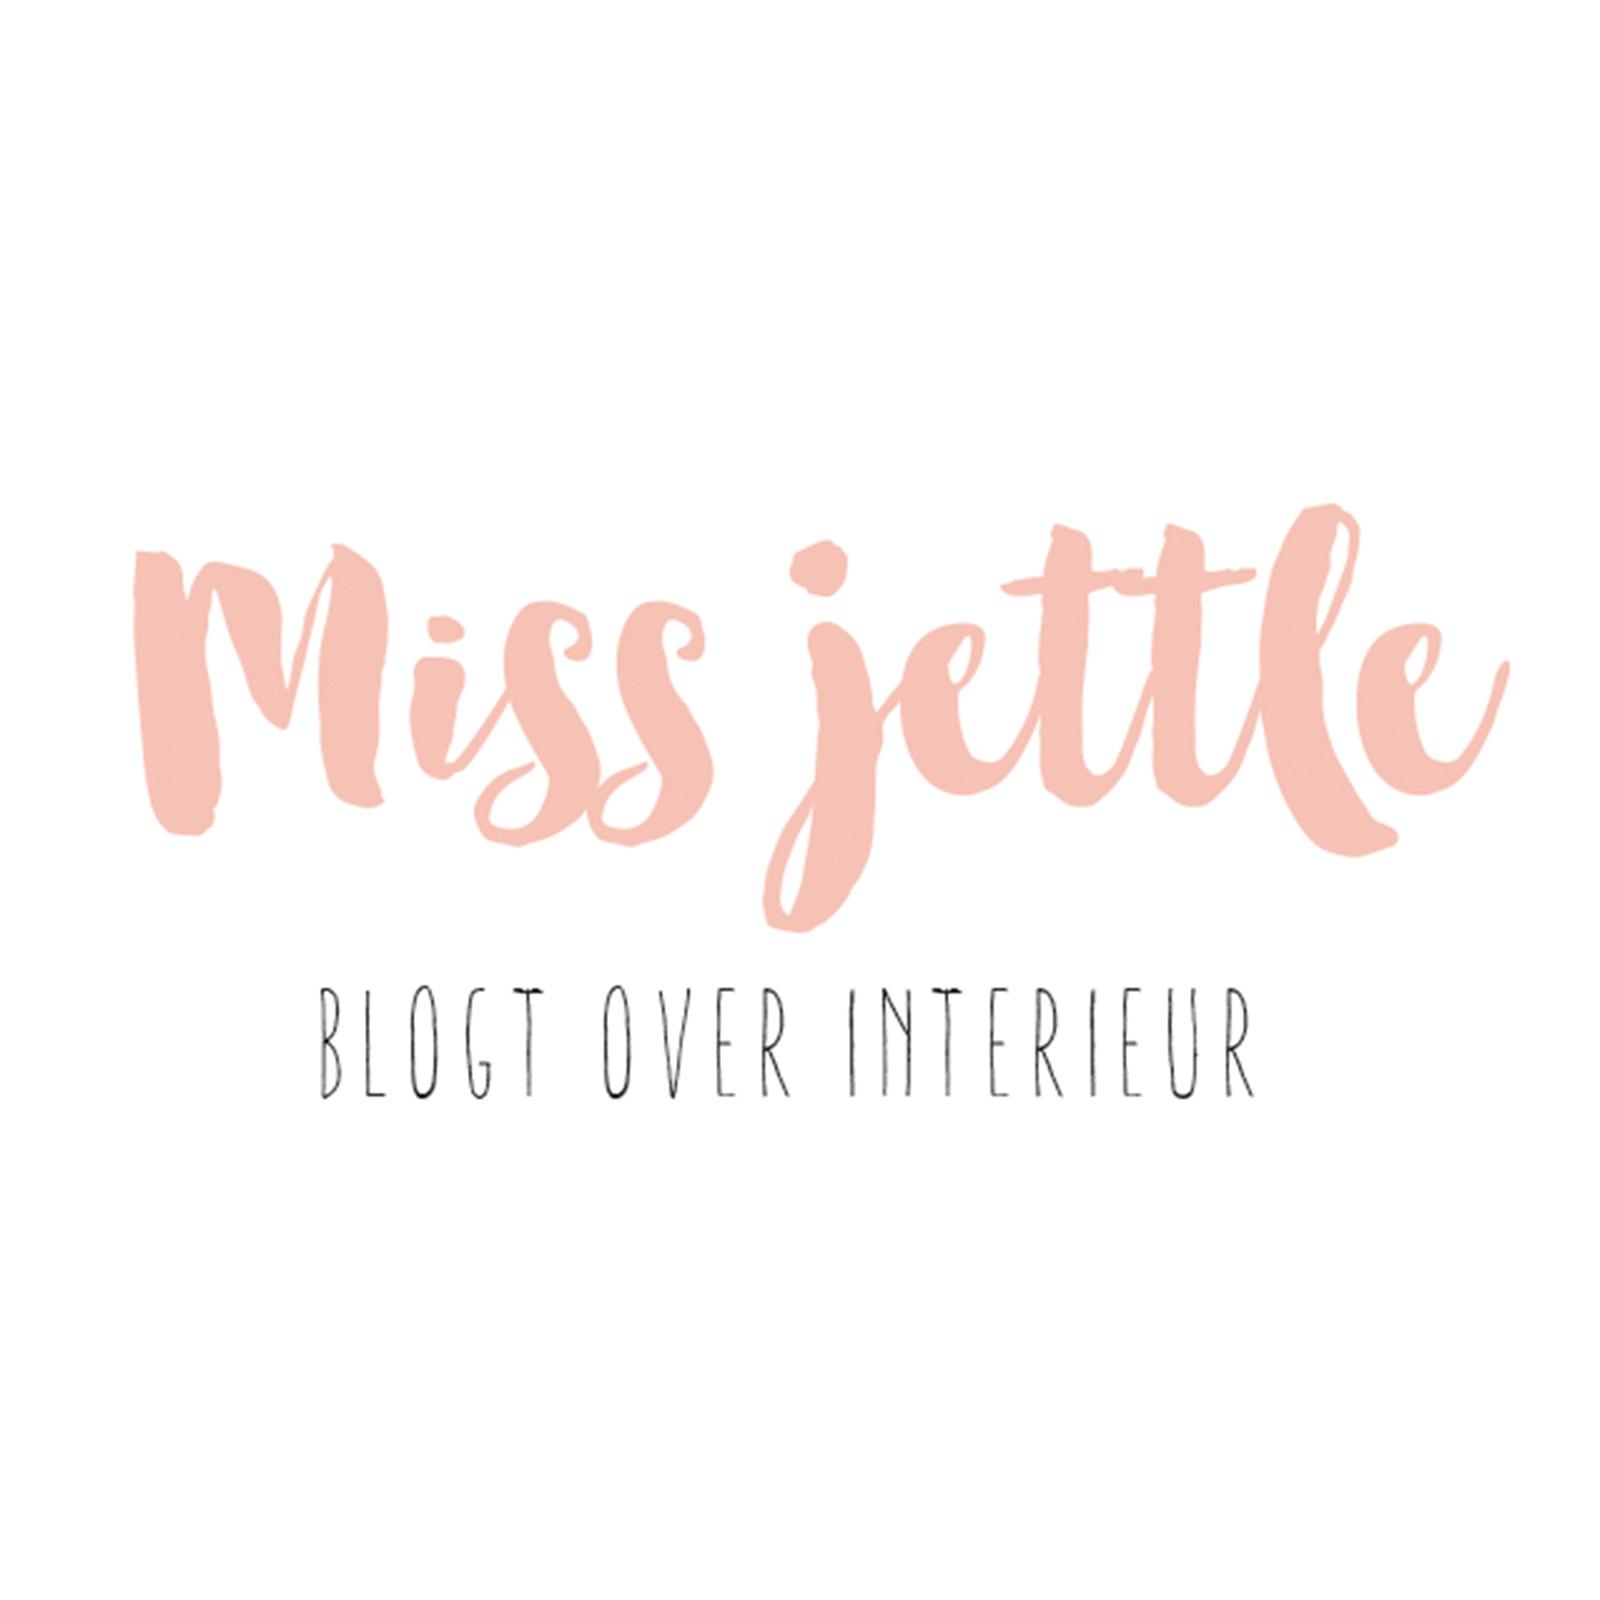 Miss Jettle